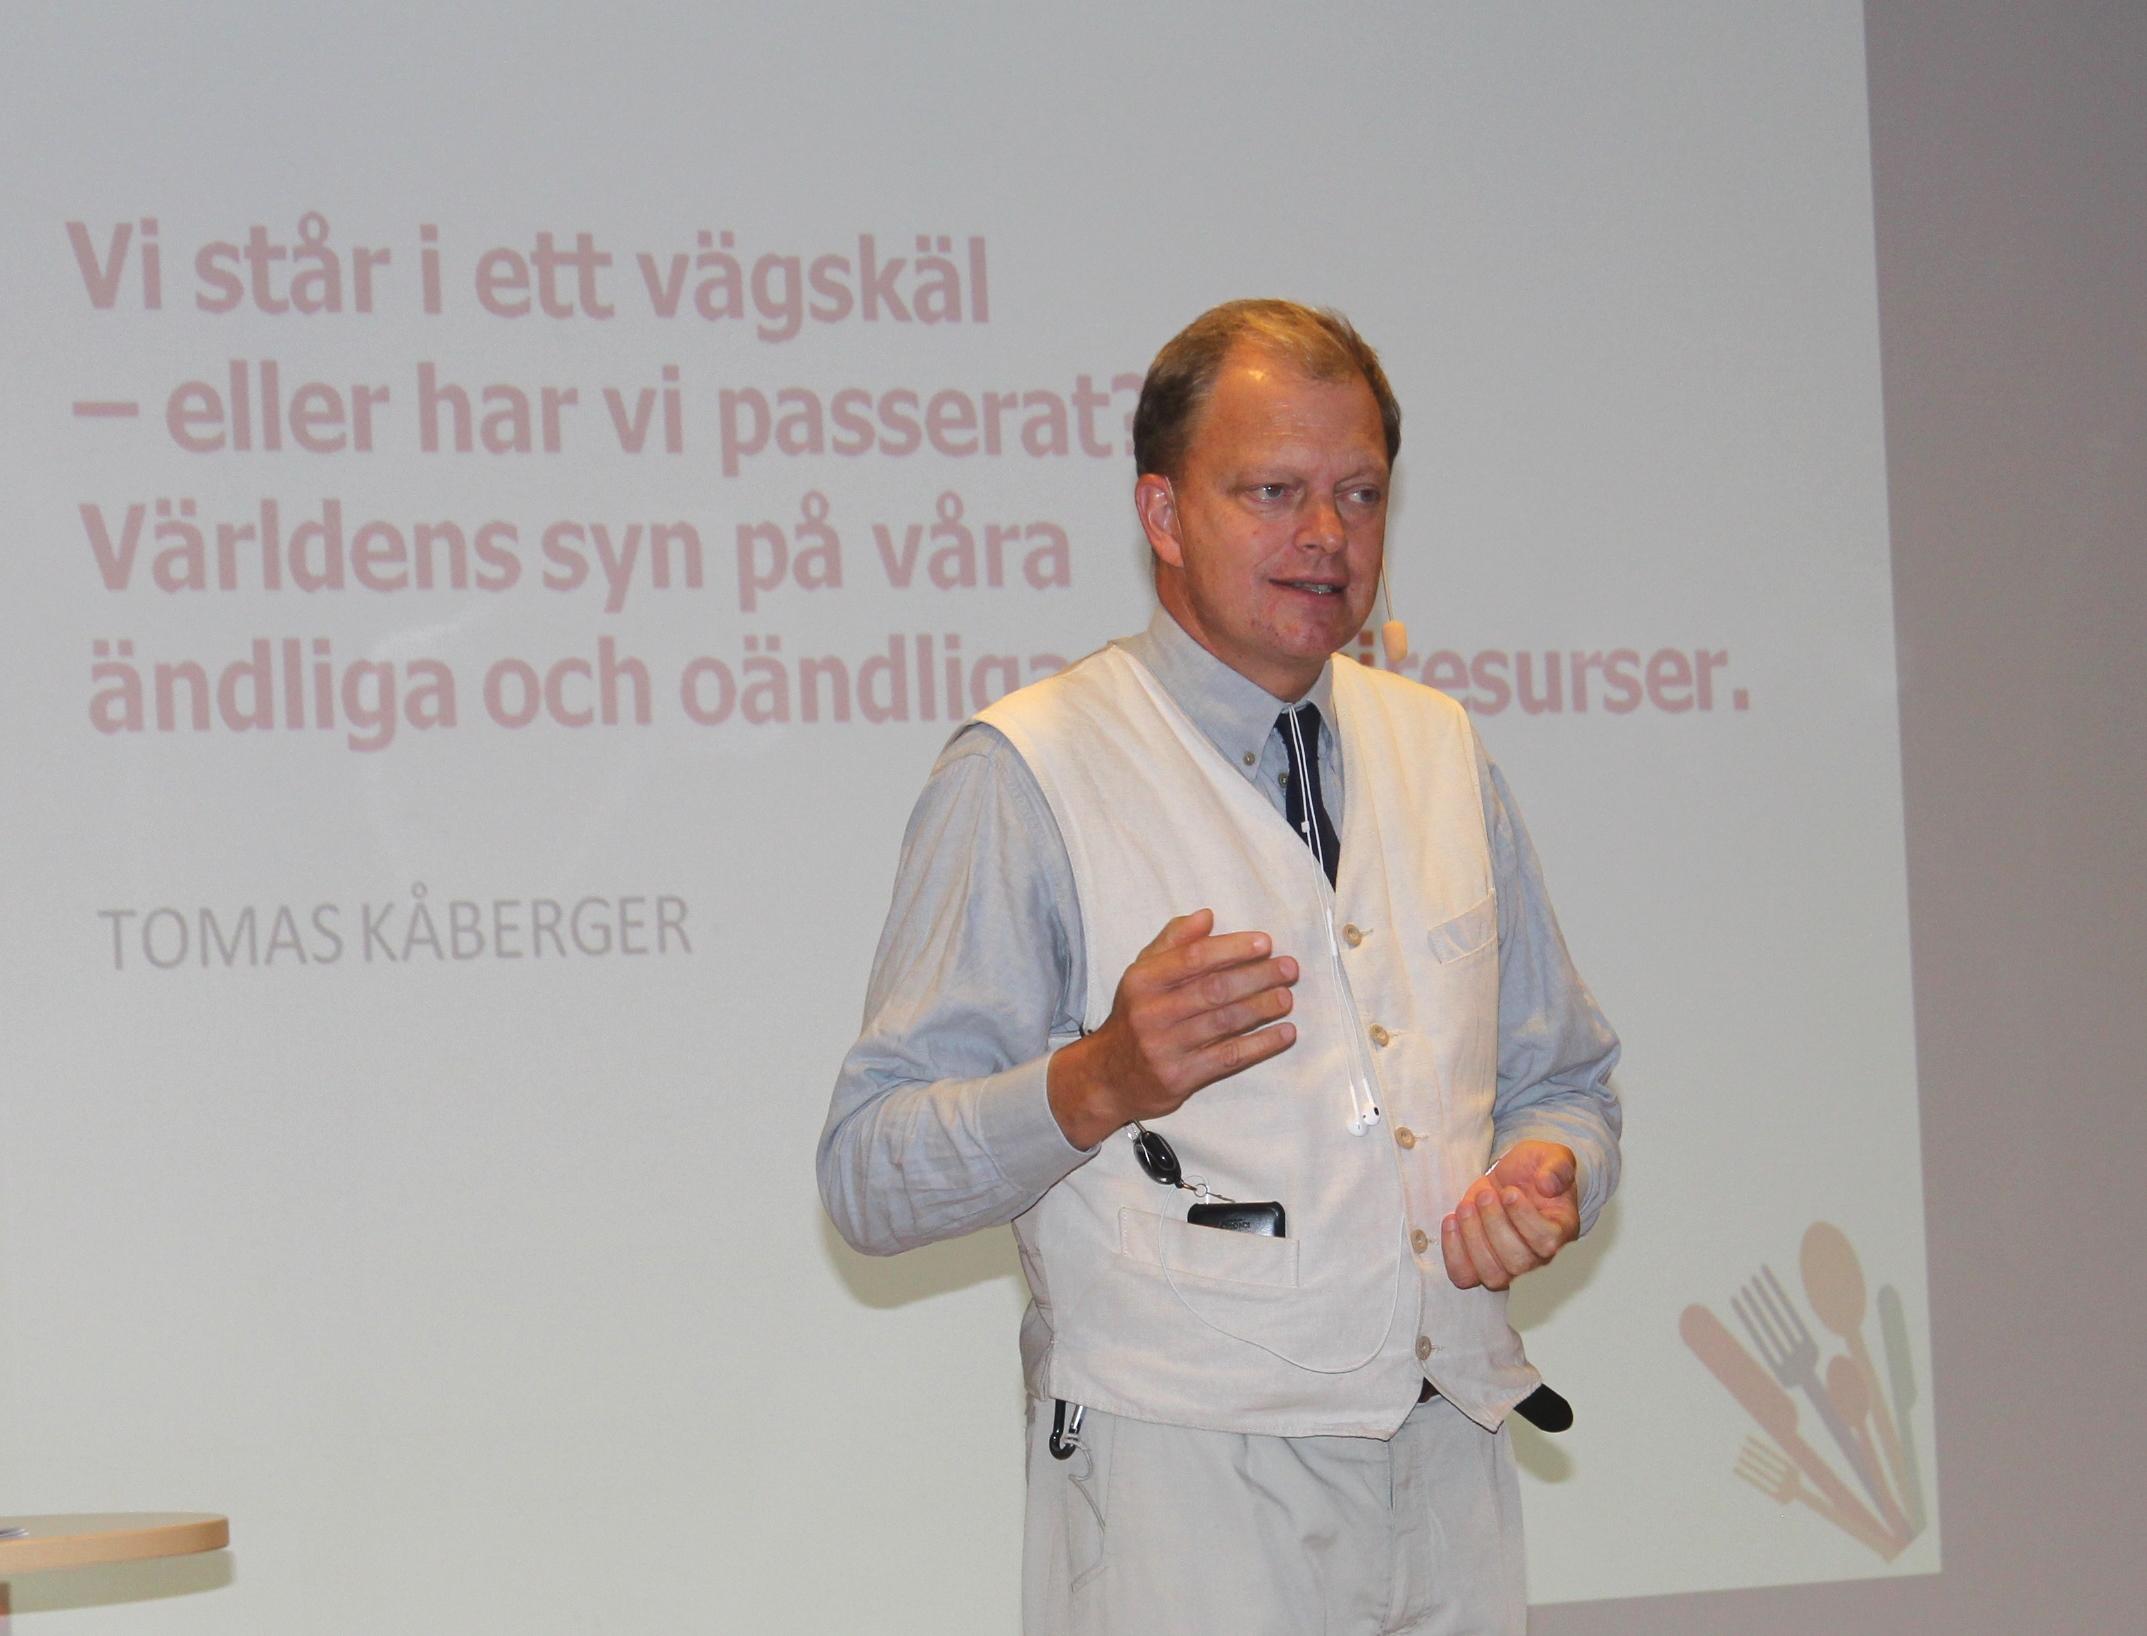 1.Tomas Kåberger